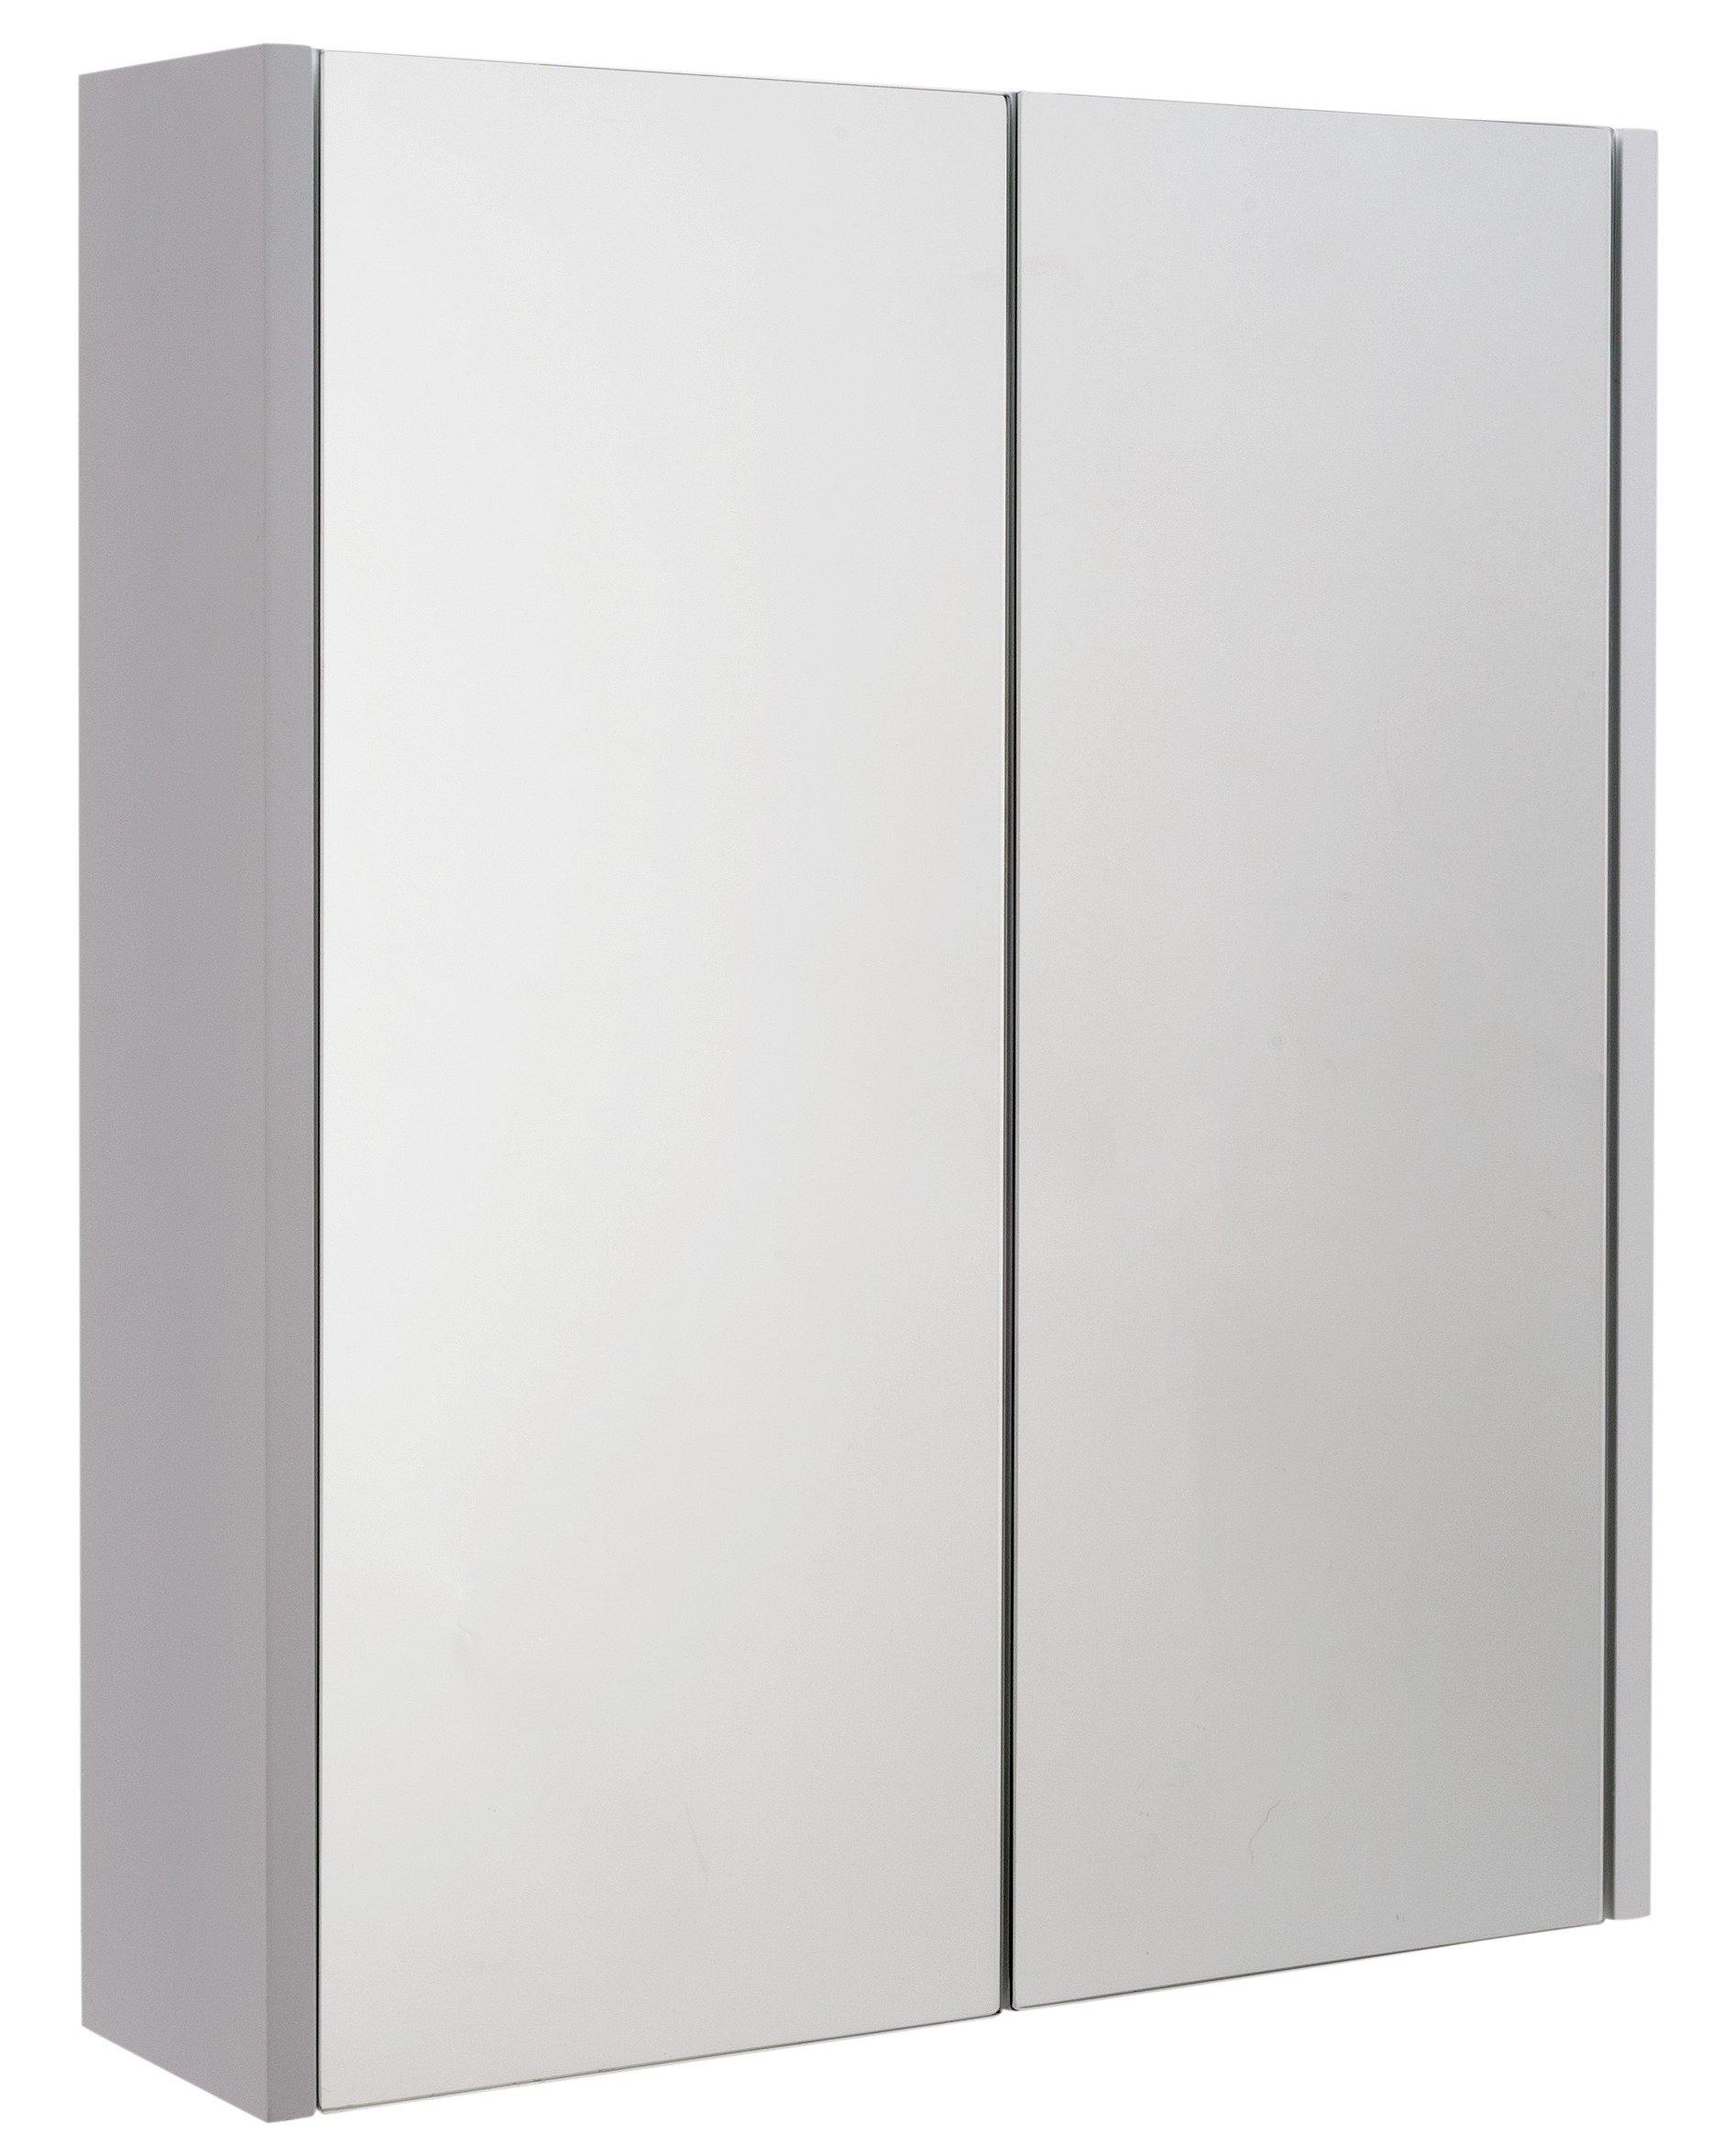 white bathroom storage cabinets. Argos Home 2 Door Mirrored Bathroom Cabinet White Storage Cabinets